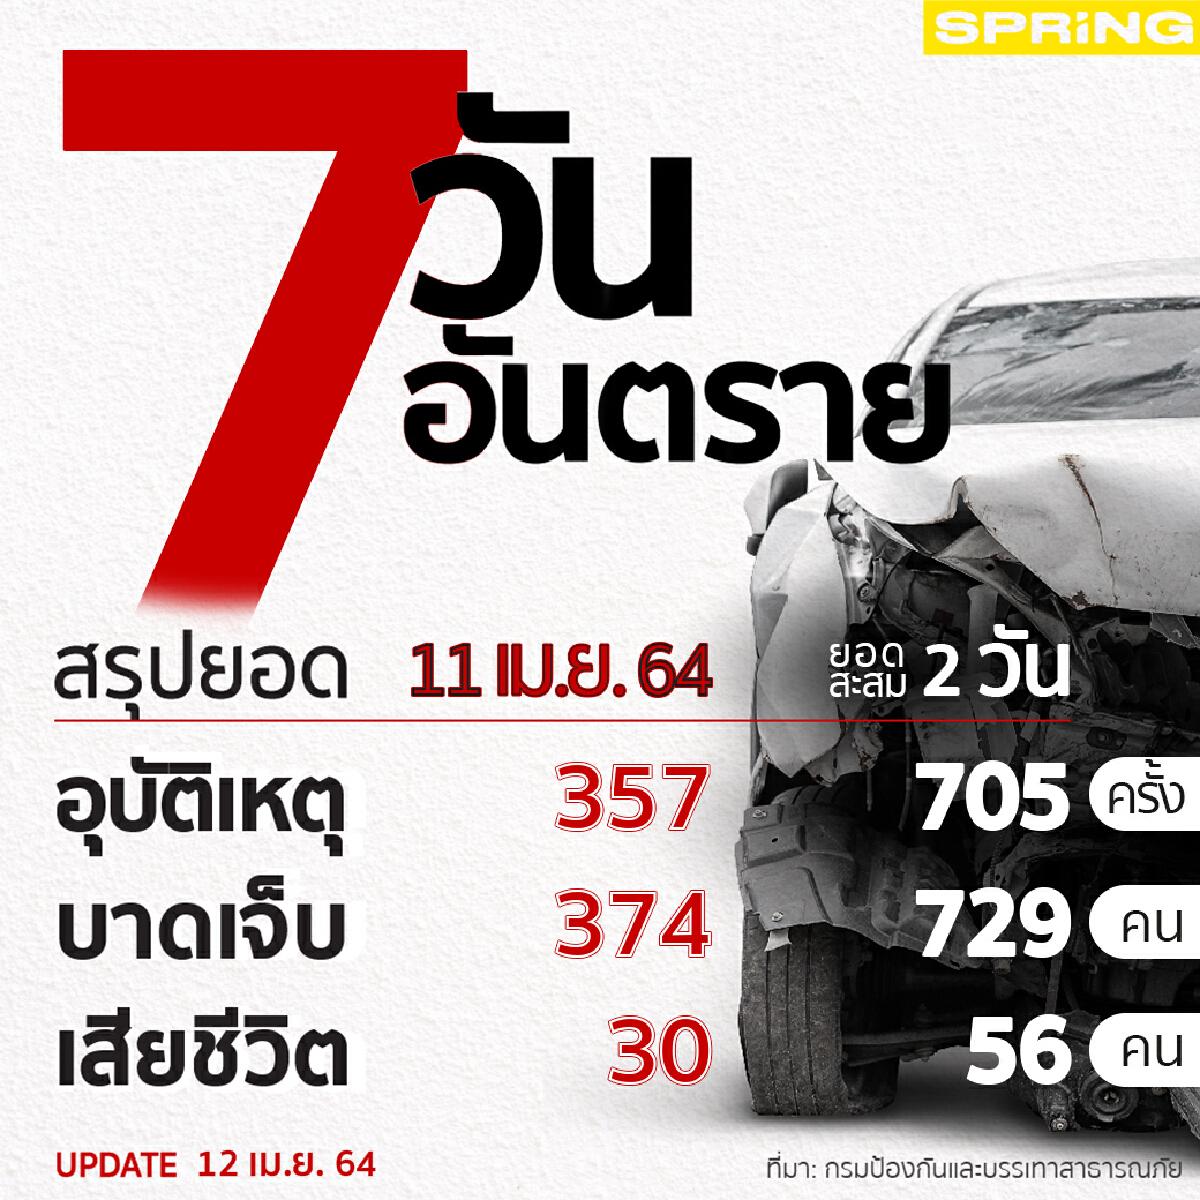 7 วันอันตรายสงกรานต์ วันที่ 2 เกิดอุบัติเหตุ 705 ครั้ง เสียชีวิต 56 คน